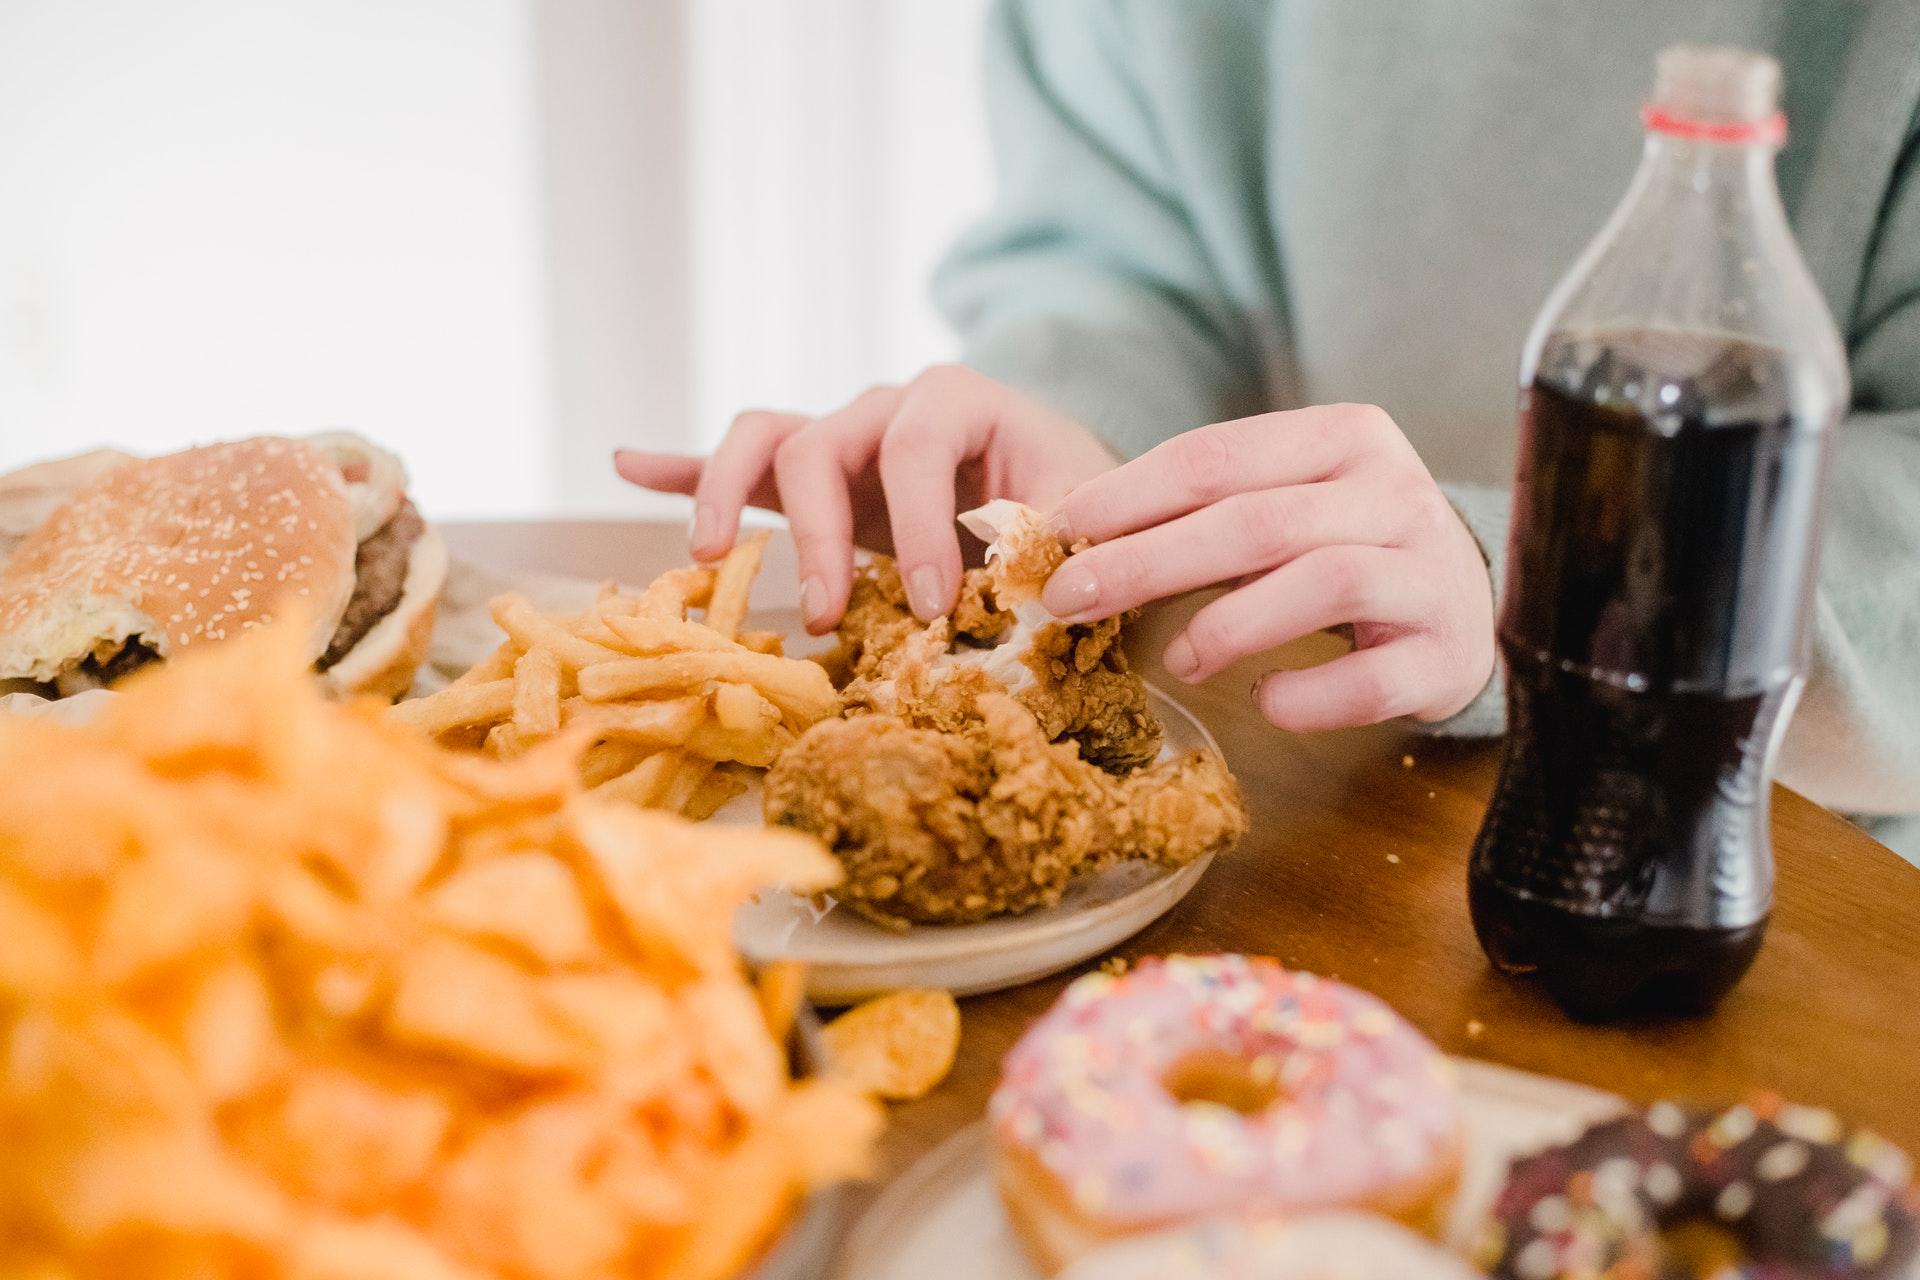 Vemos uma pessoa comendo frango frito (imagem ilustrativa).